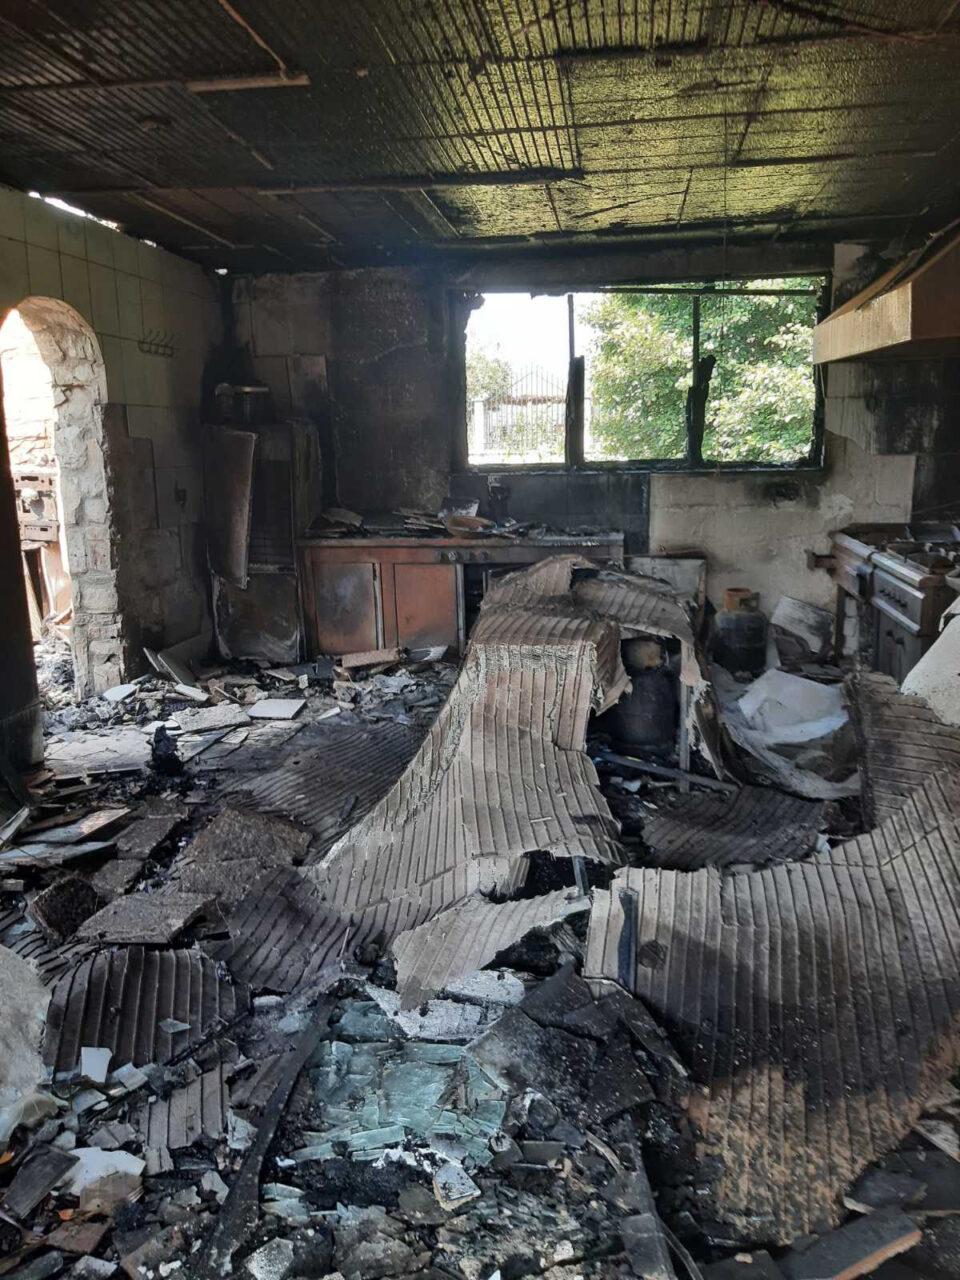 Маричиќ: Да сакаше власта да се меша немаше да повика германски истражители, ВМРО-ДПМНЕ бара одговорност од владата поради пожарот